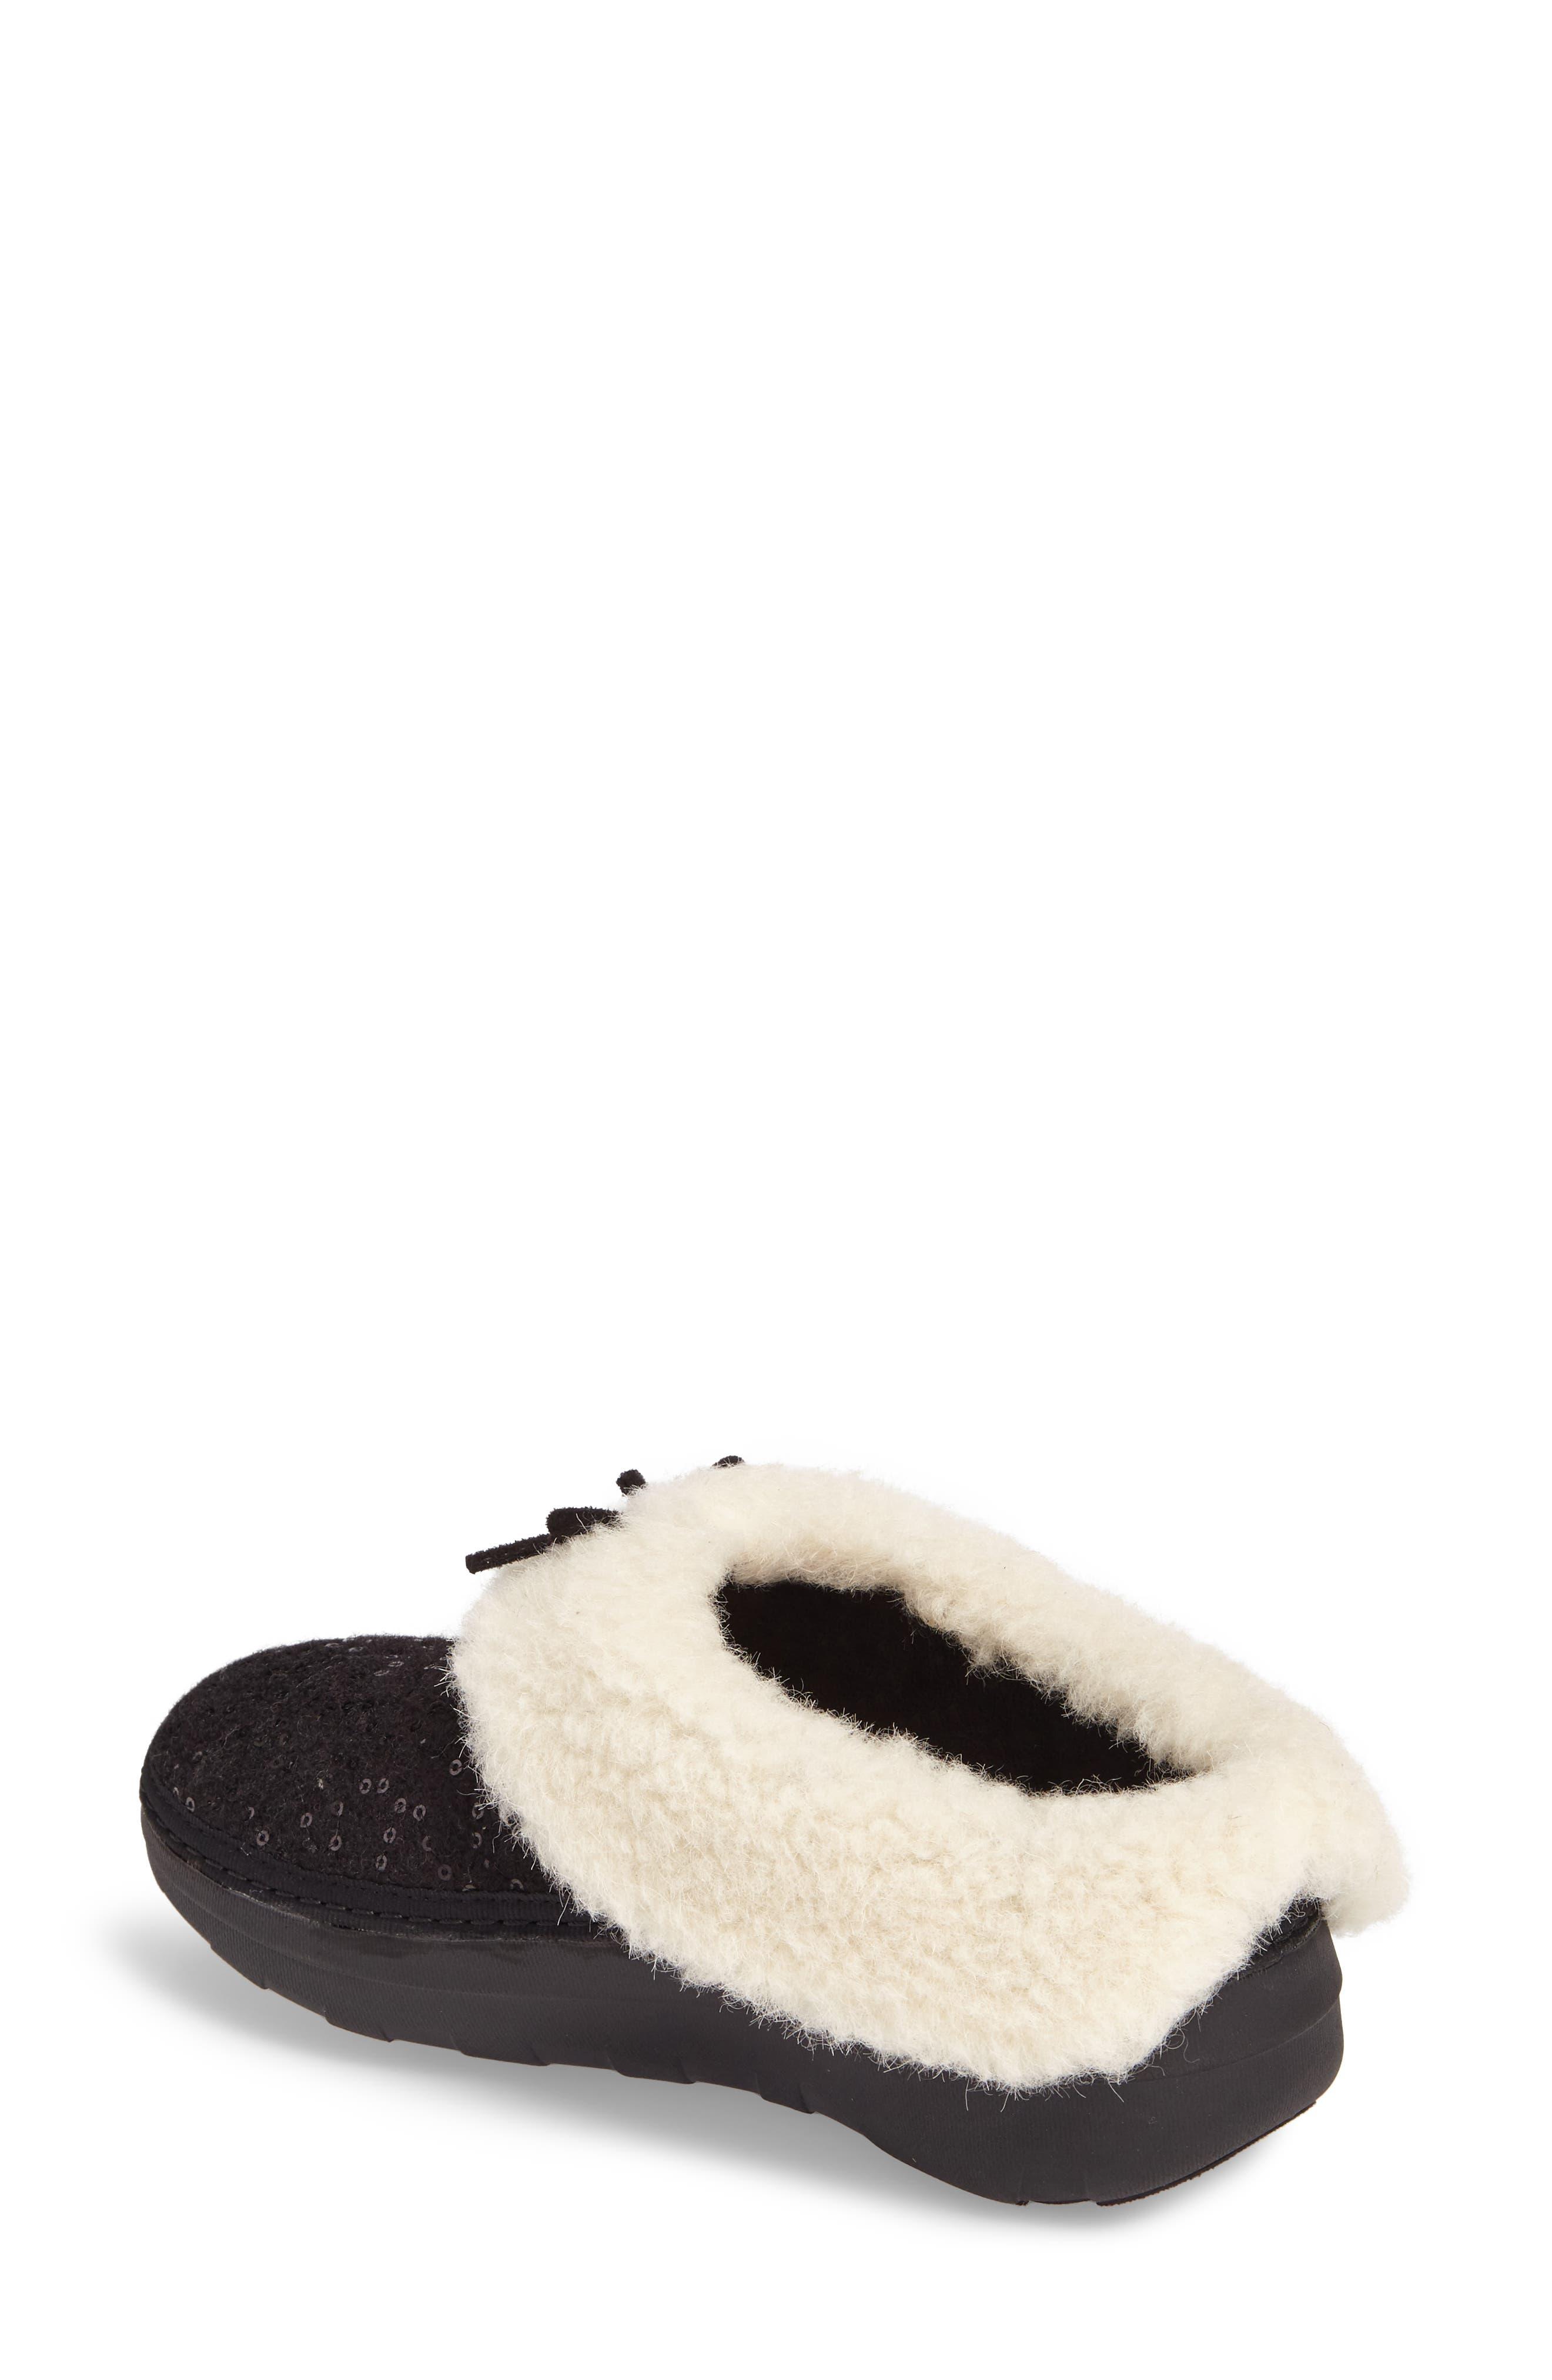 Loaff Snug Sequin Slipper,                             Alternate thumbnail 2, color,                             001